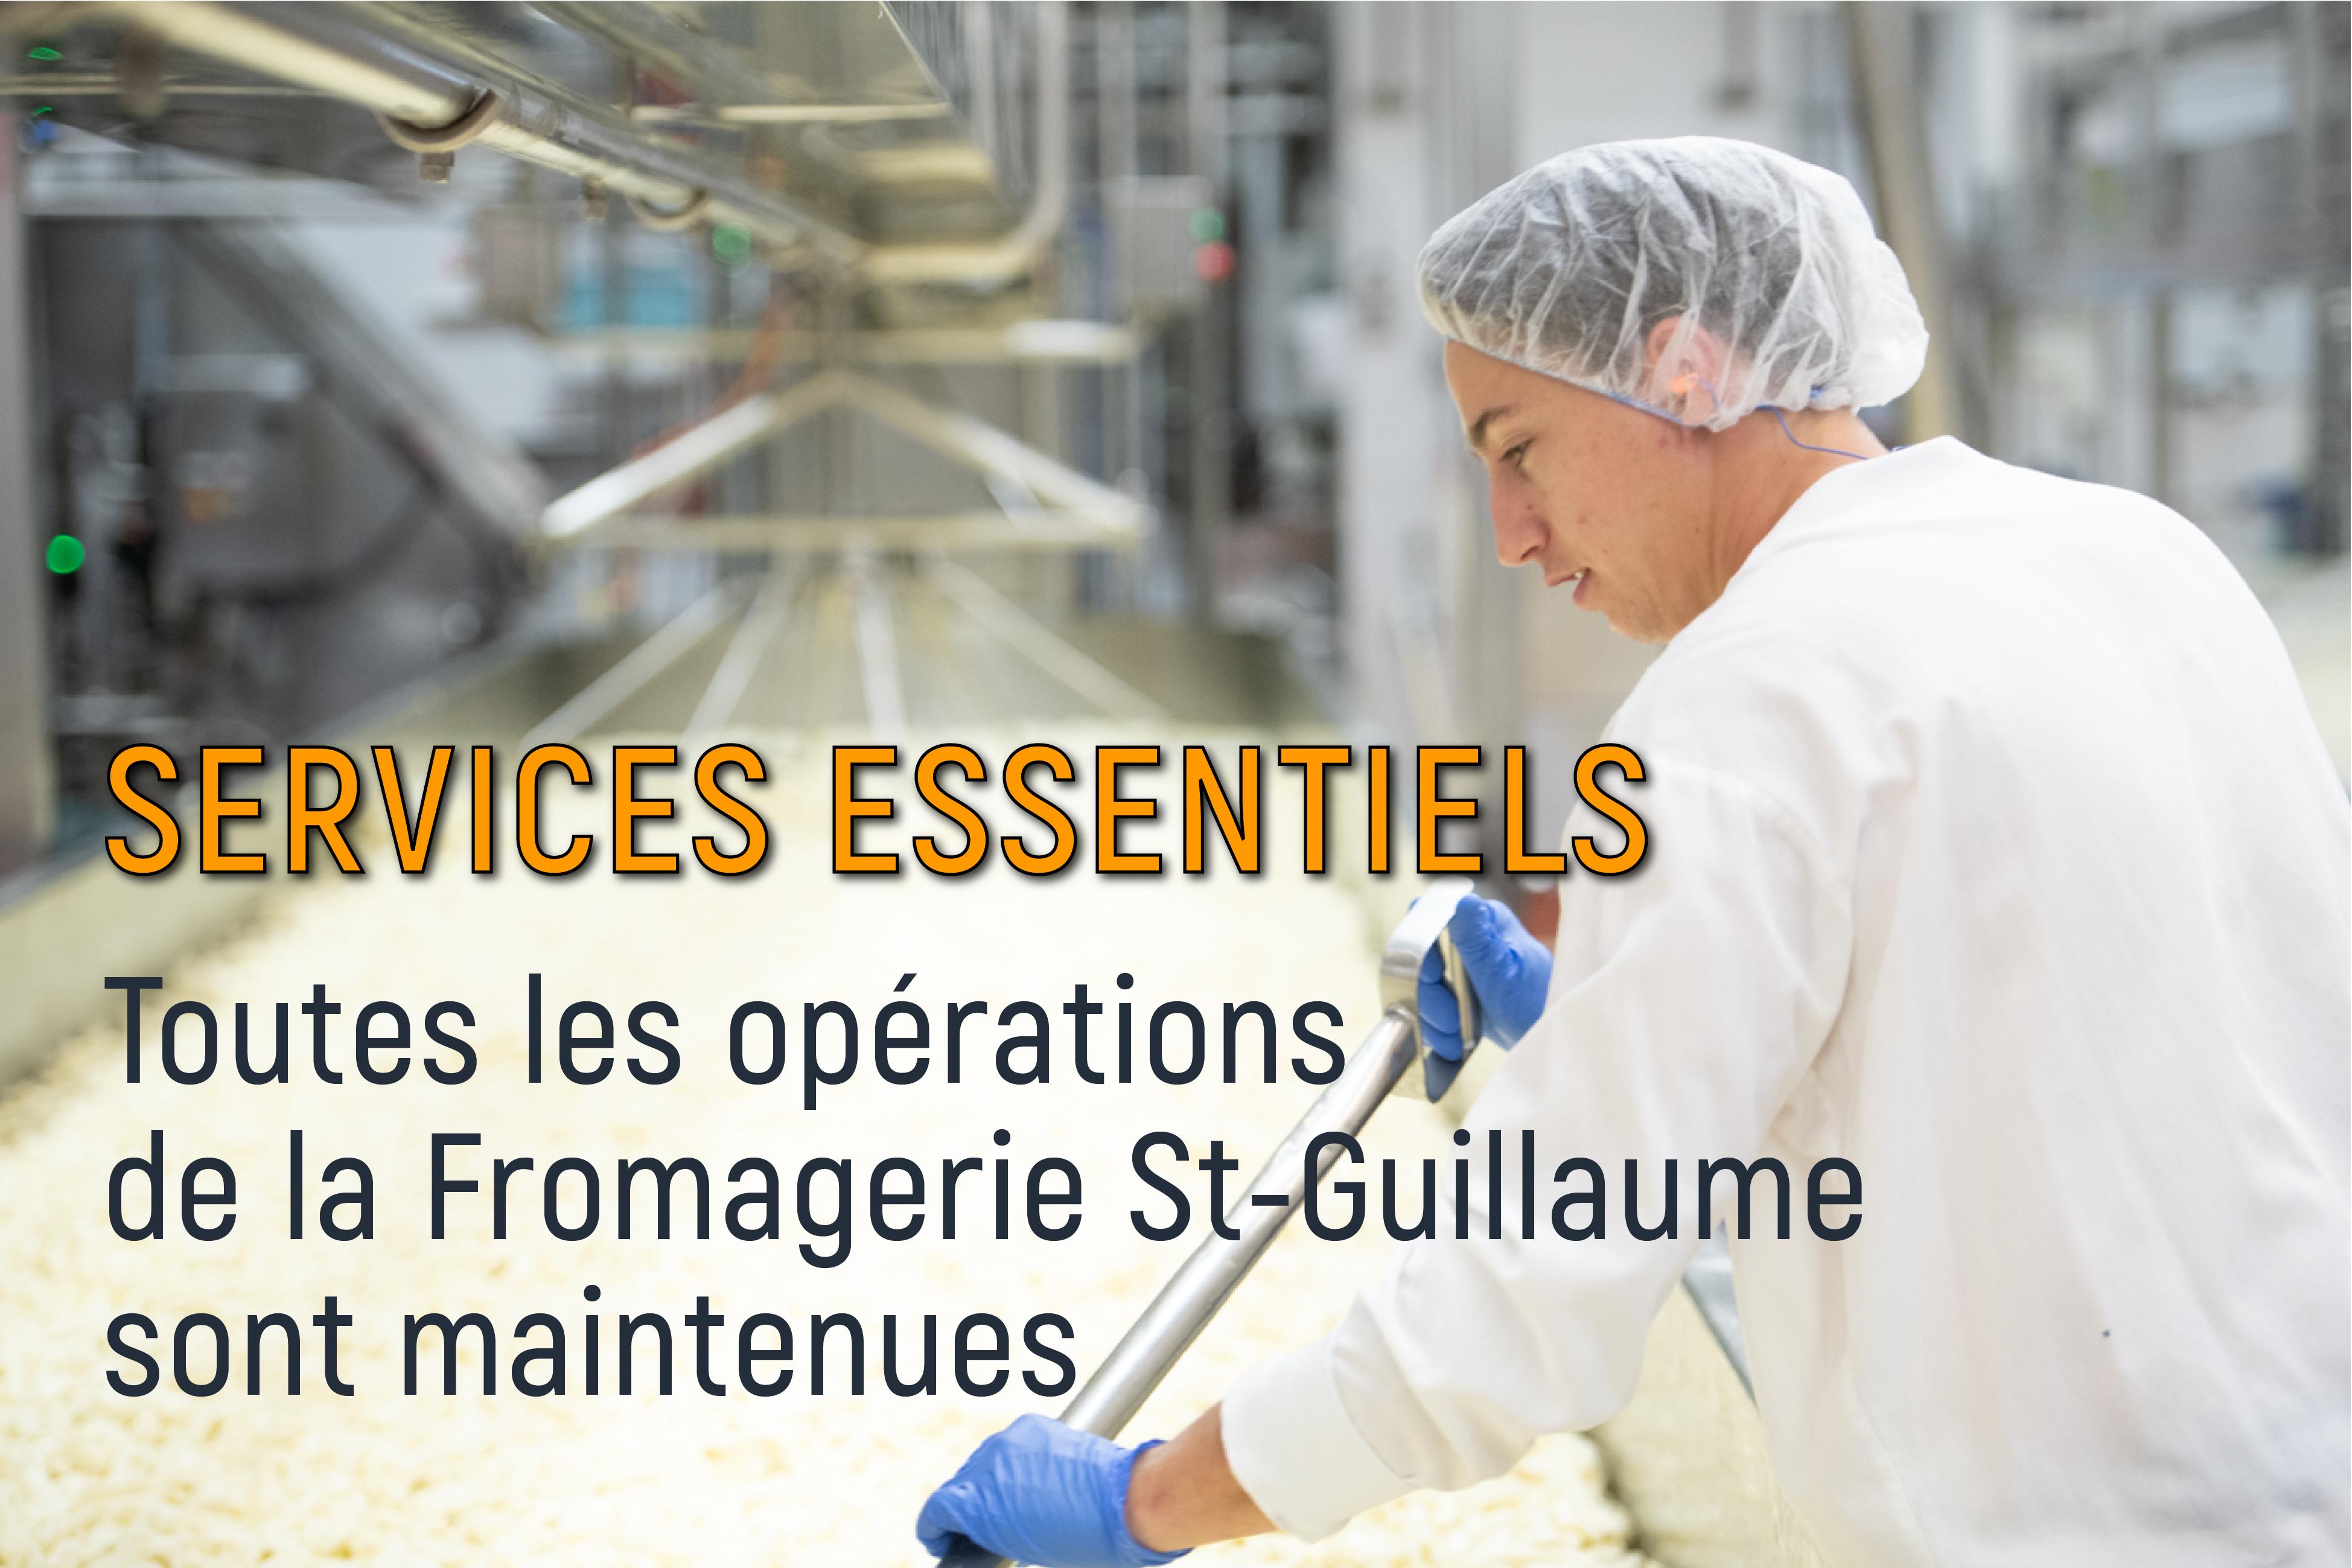 Fromagerie St-Guillaume est un service essentiel